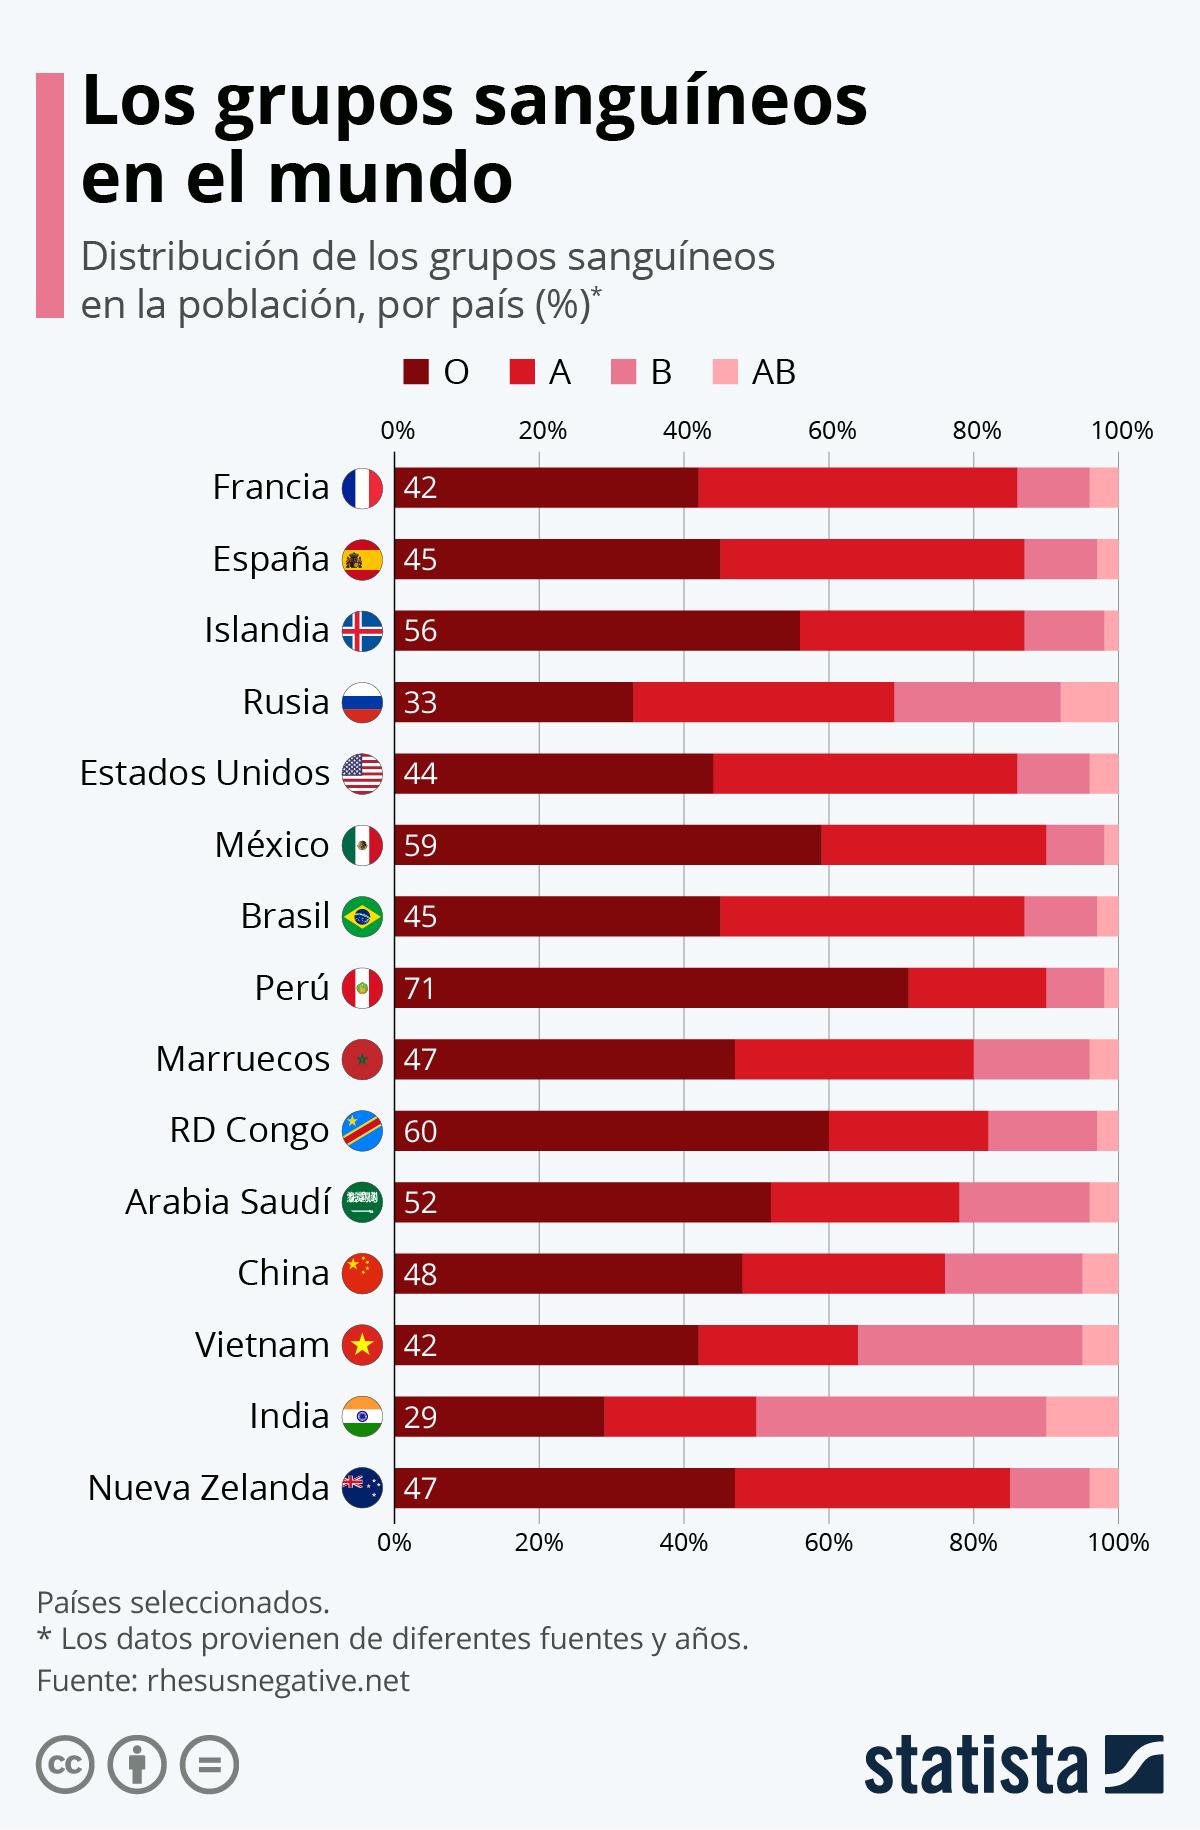 Infografía: La distribución de los grupos sanguíneos en el mundo | Statista